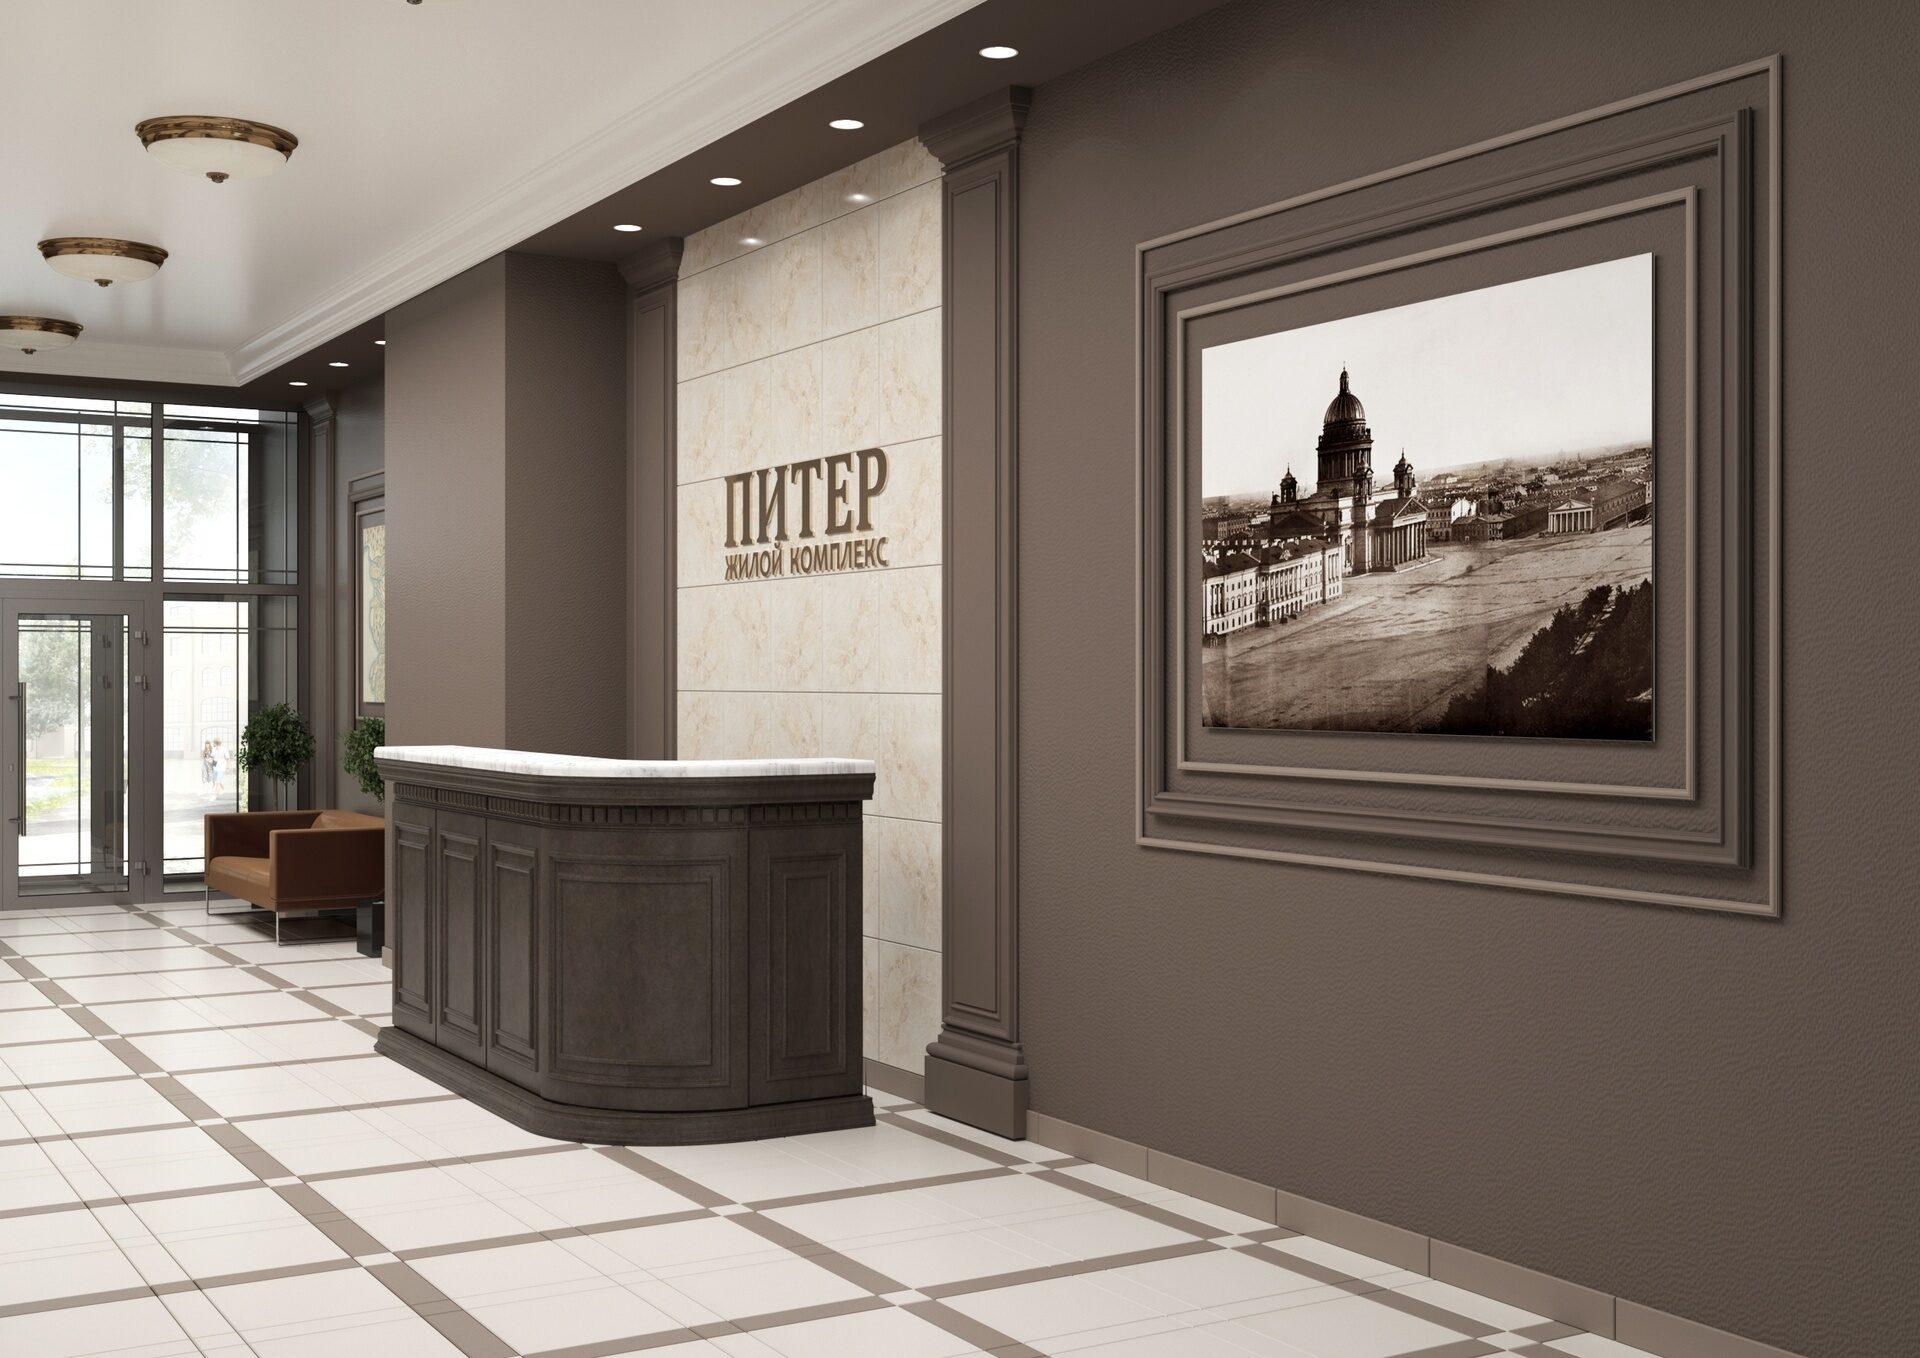 ee82708a4de2f Купить квартиру в Московском районе. Жилой комплекс бизнес-класса в ...